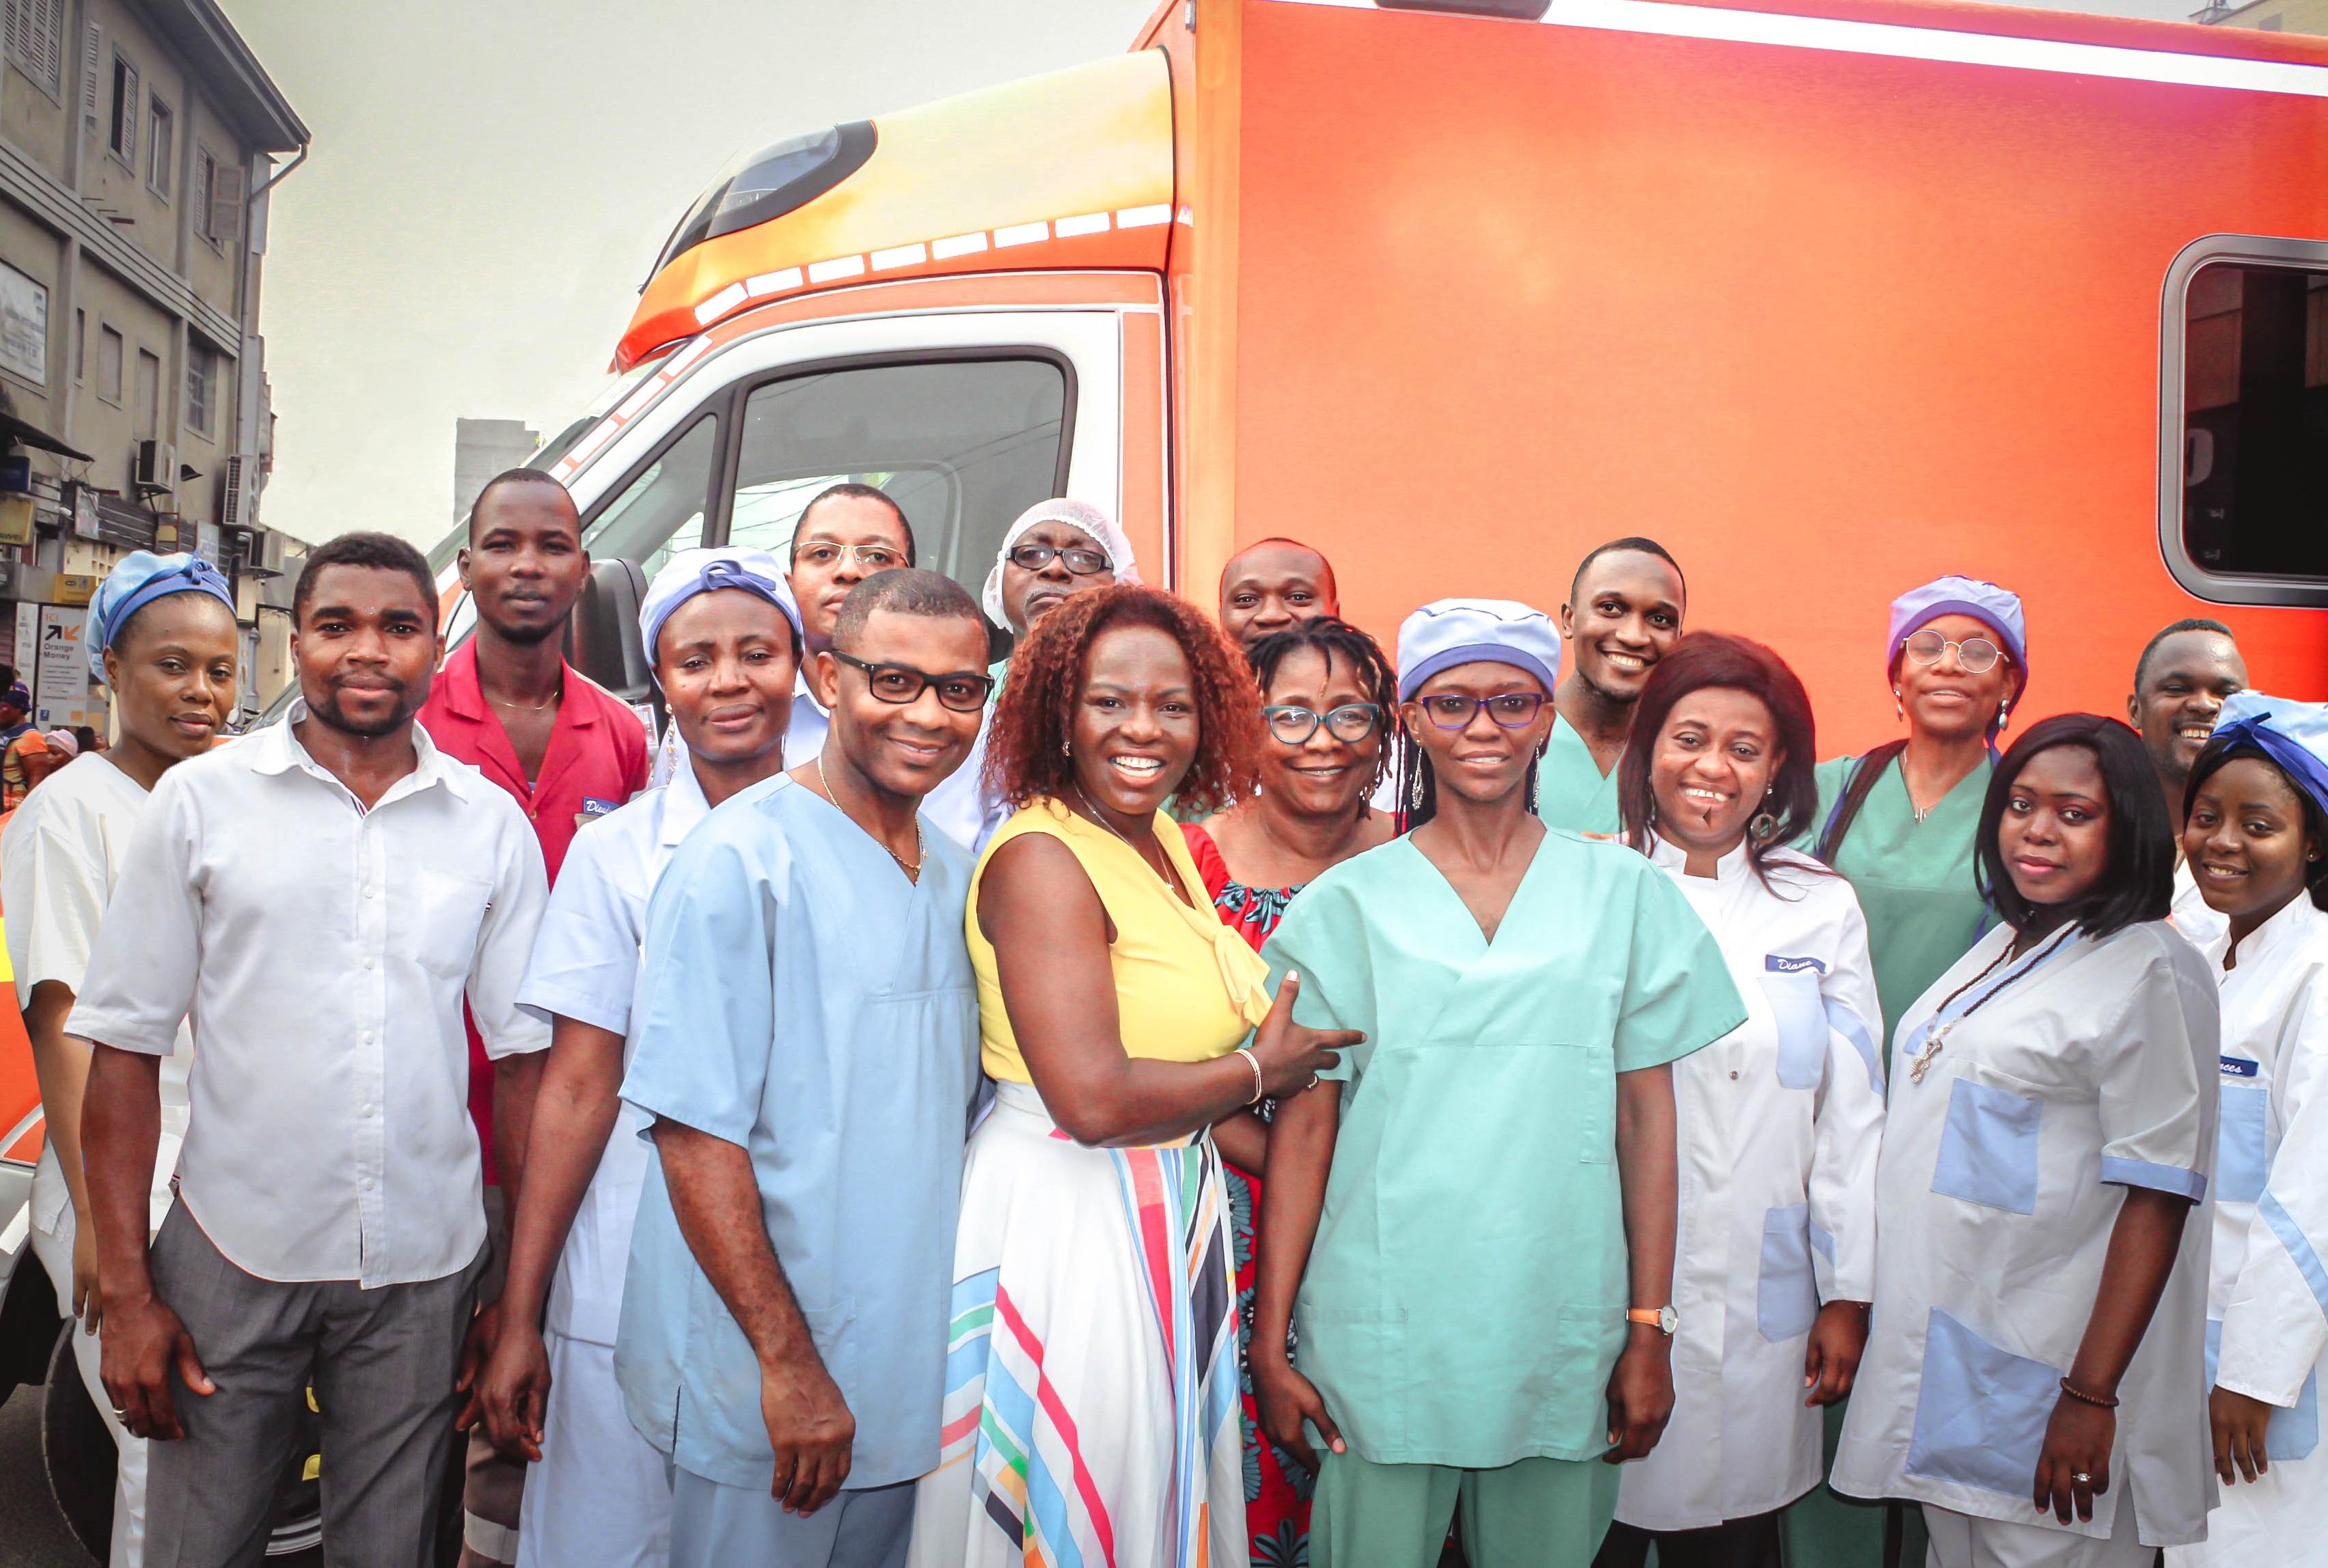 Clinique Dr Boum